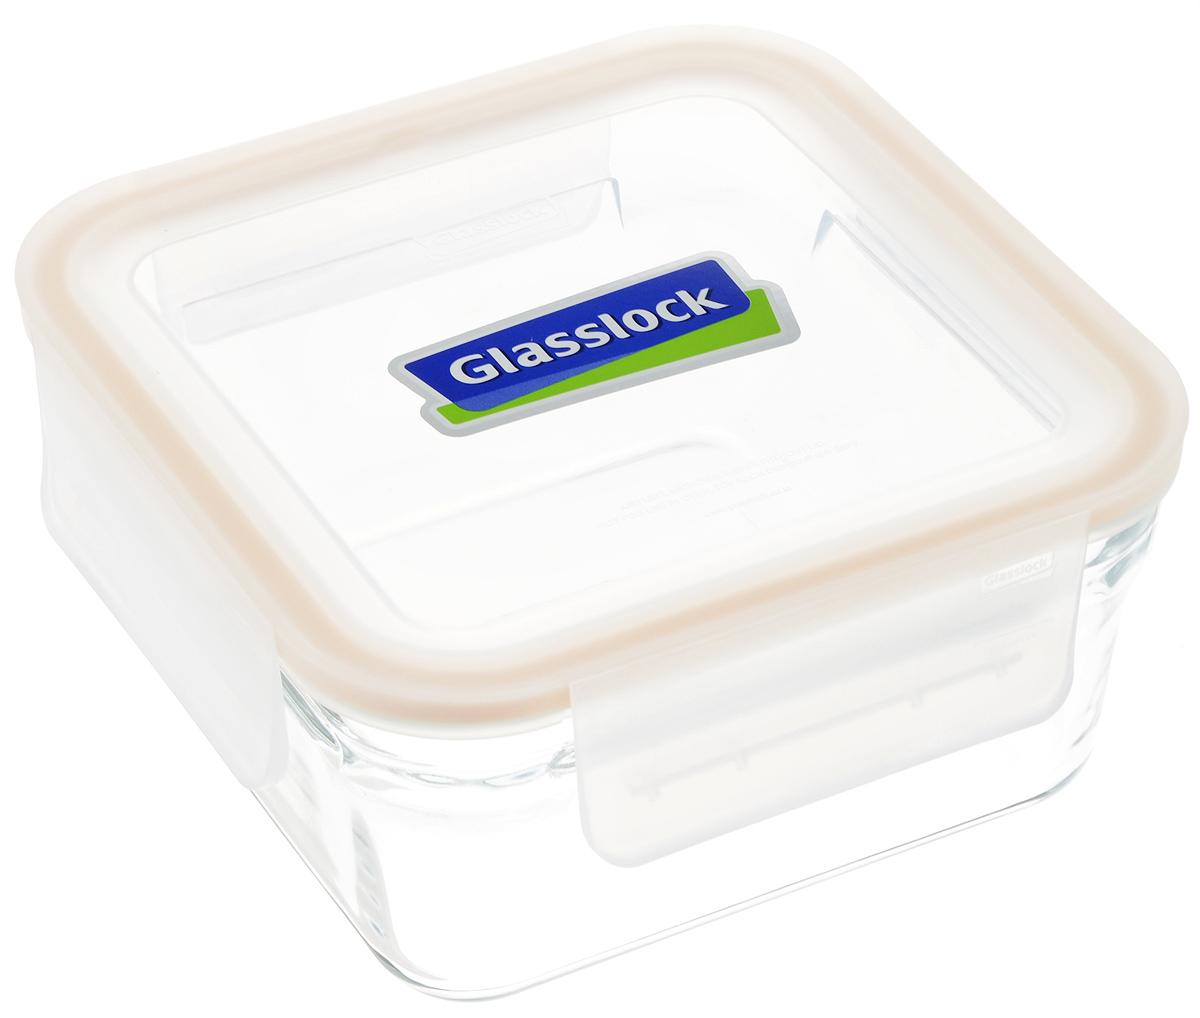 Контейнер для хранения продуктов Glasslock, цвет: прозрачный, оранжевый, 1,13 л21395599Квадратный контейнер Glasslock изготовлен из высококачественного закаленного ударопрочного стекла. Герметичная крышка, выполненная из пластика и снабженная уплотнительной резинкой, надежно закрывается с помощью четырех защелок. Стеклянная посуда нового поколения от Glasslock экологична, не содержит токсичных и ядовитых материалов; превосходная герметичность позволяет сохранять свежесть продуктов; покрытие не впитывает запах продуктов; имеет утонченный европейский дизайн - прекрасное украшение стола.Подходит для мытья в посудомоечной машине, хранения в холодильных и морозильных камерах, а также можно использовать в микроволновых печах.Размер контейнера (с учетом крышки): 16,5 х 16,5 х 8 см.